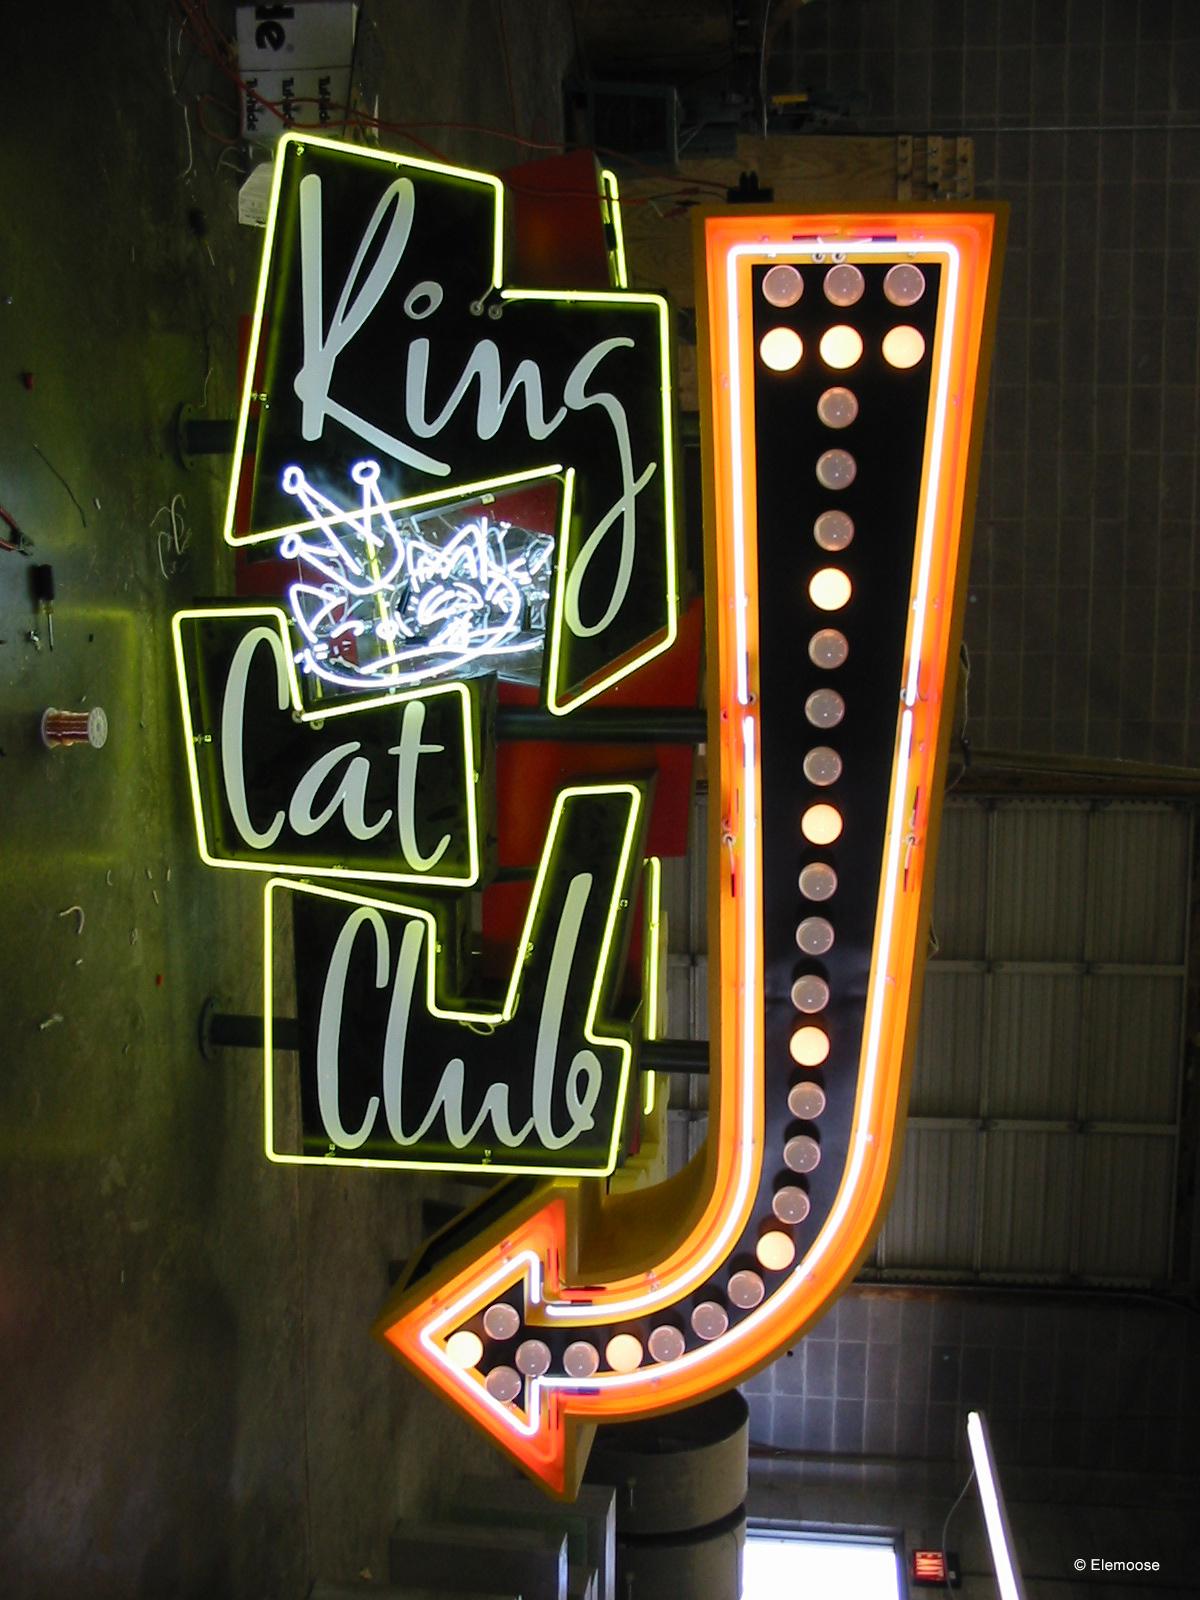 neon-tubing-king-cat-club-ameristar-casino.jpg